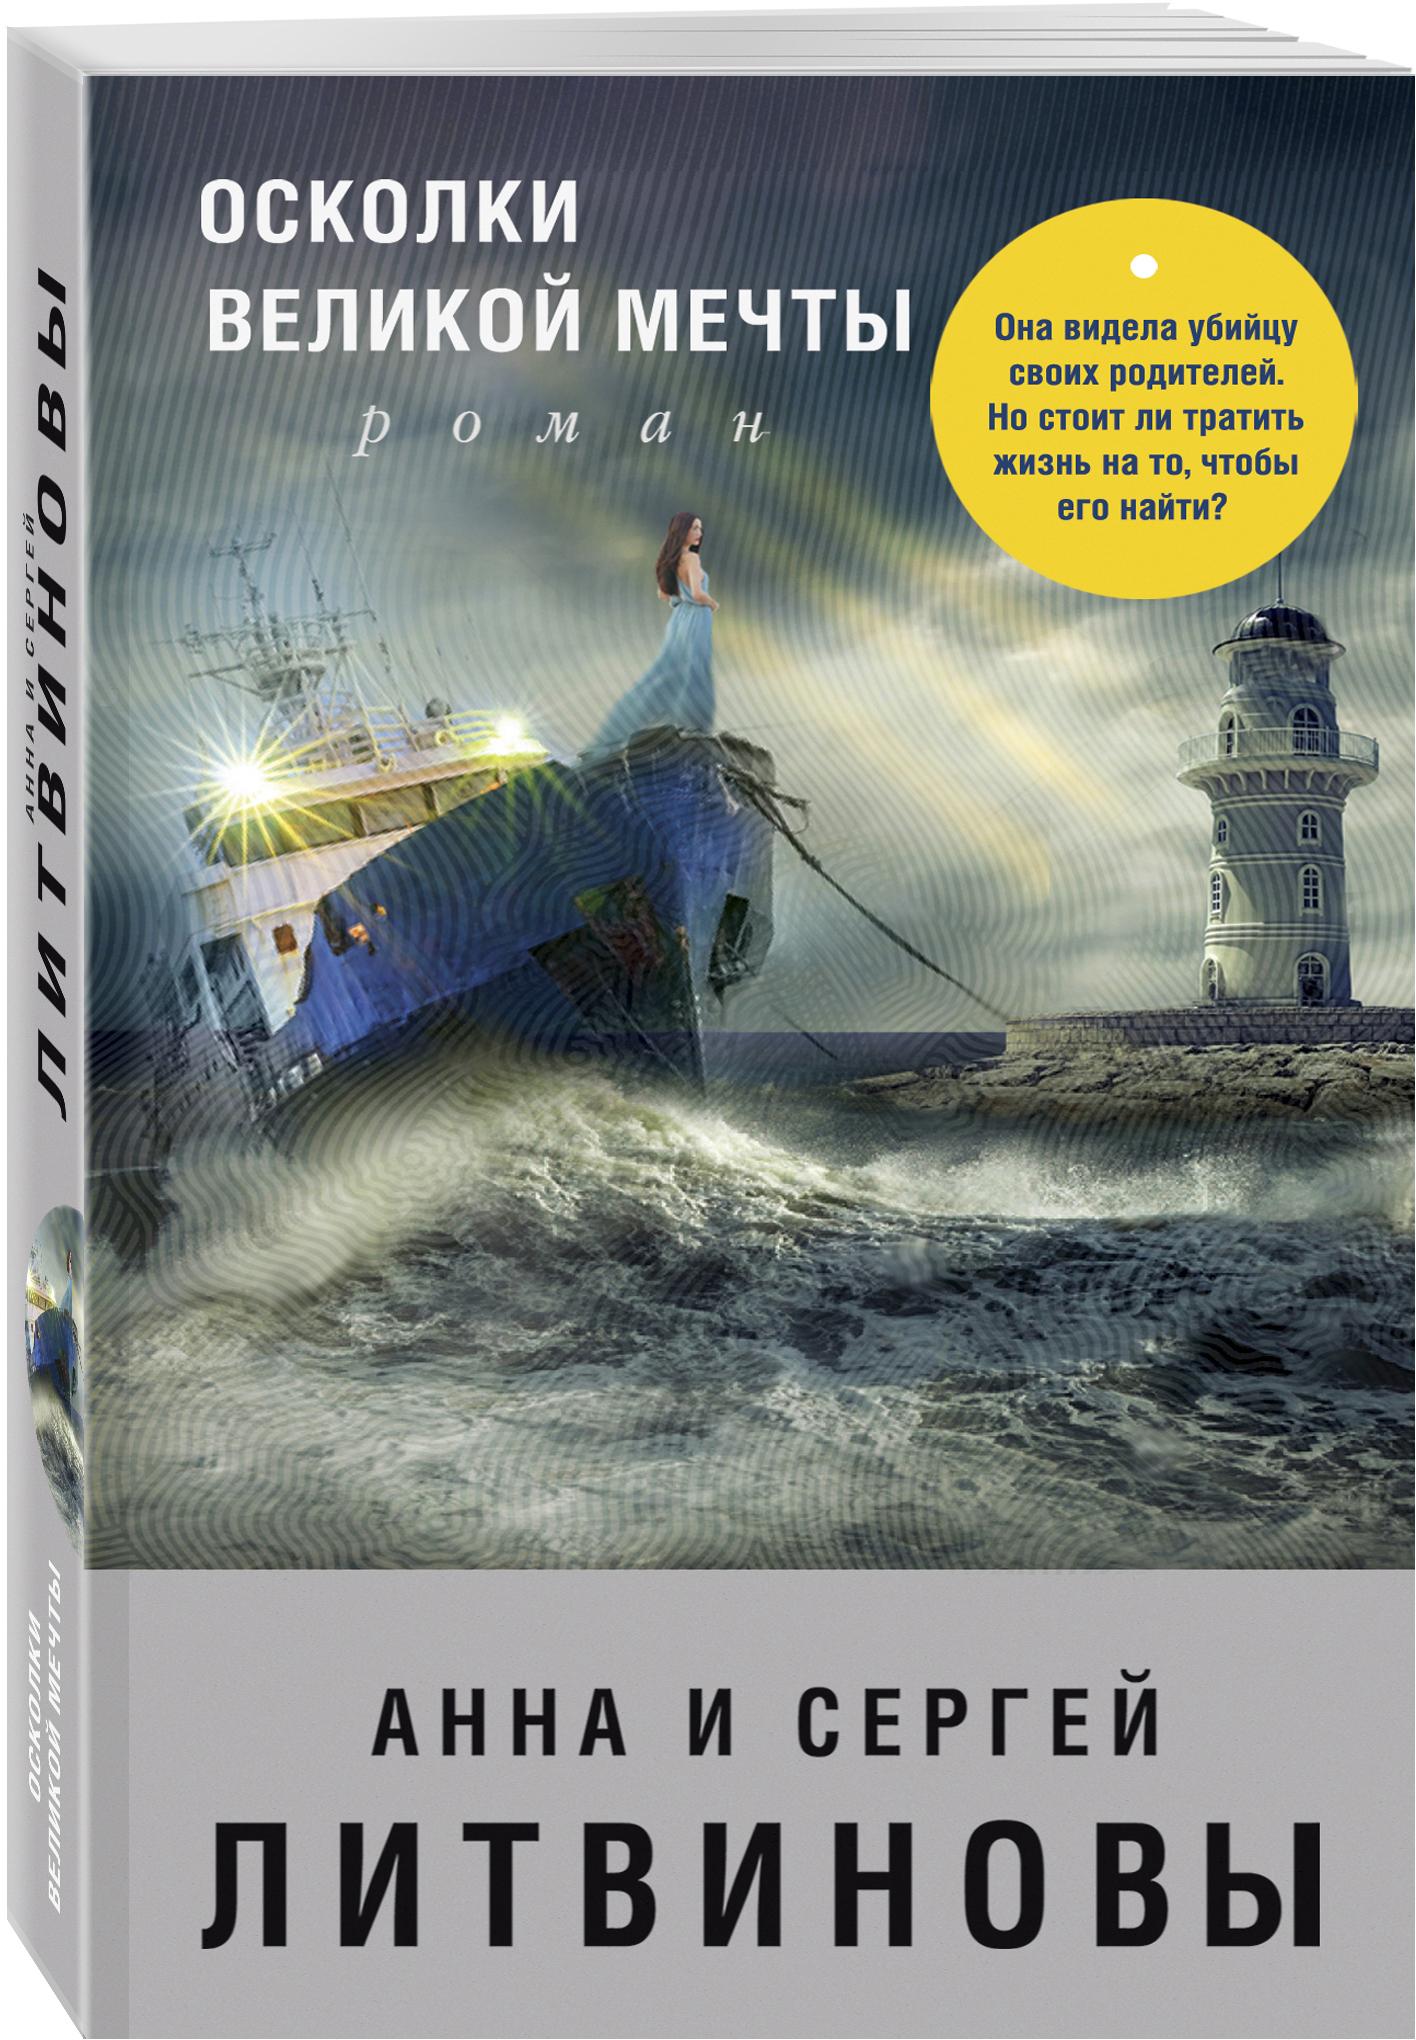 Анна и Сергей Литвиновы Осколки великой мечты